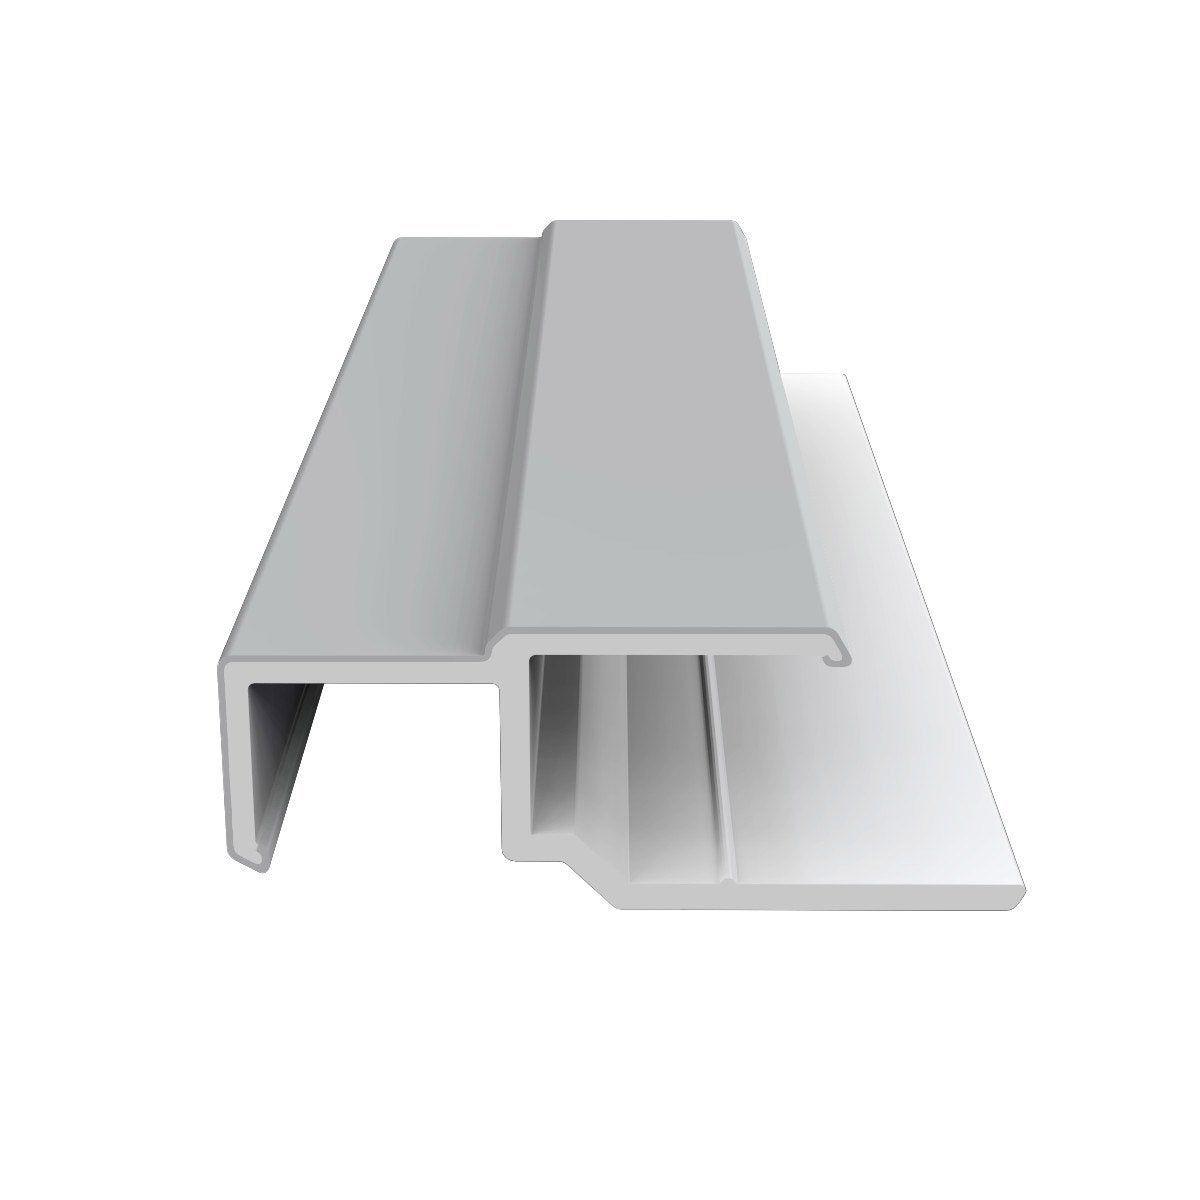 Profil Multifonction Pvc 45x15 Freefoam Gris Ciment Ral 7047